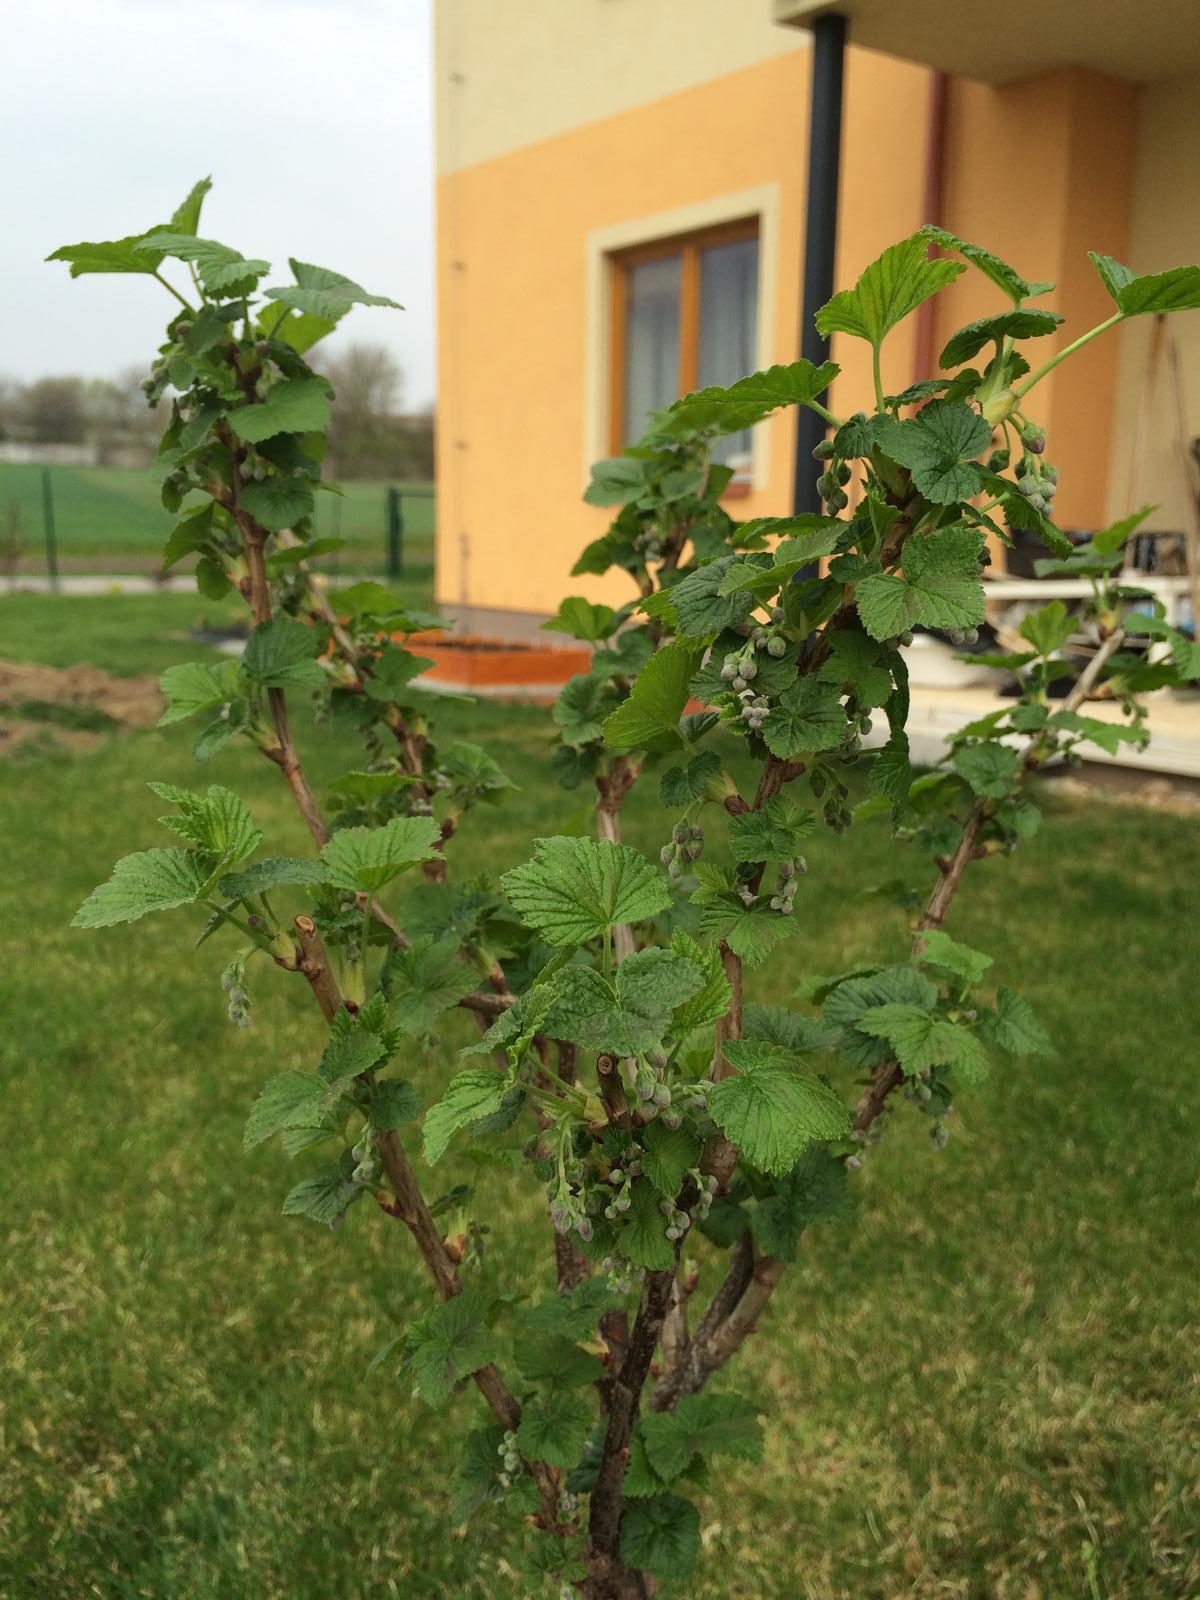 Zahradka nasa 2015 - rybiz se rozsoupl.. tech plodu.. to bude radost sbirat :D